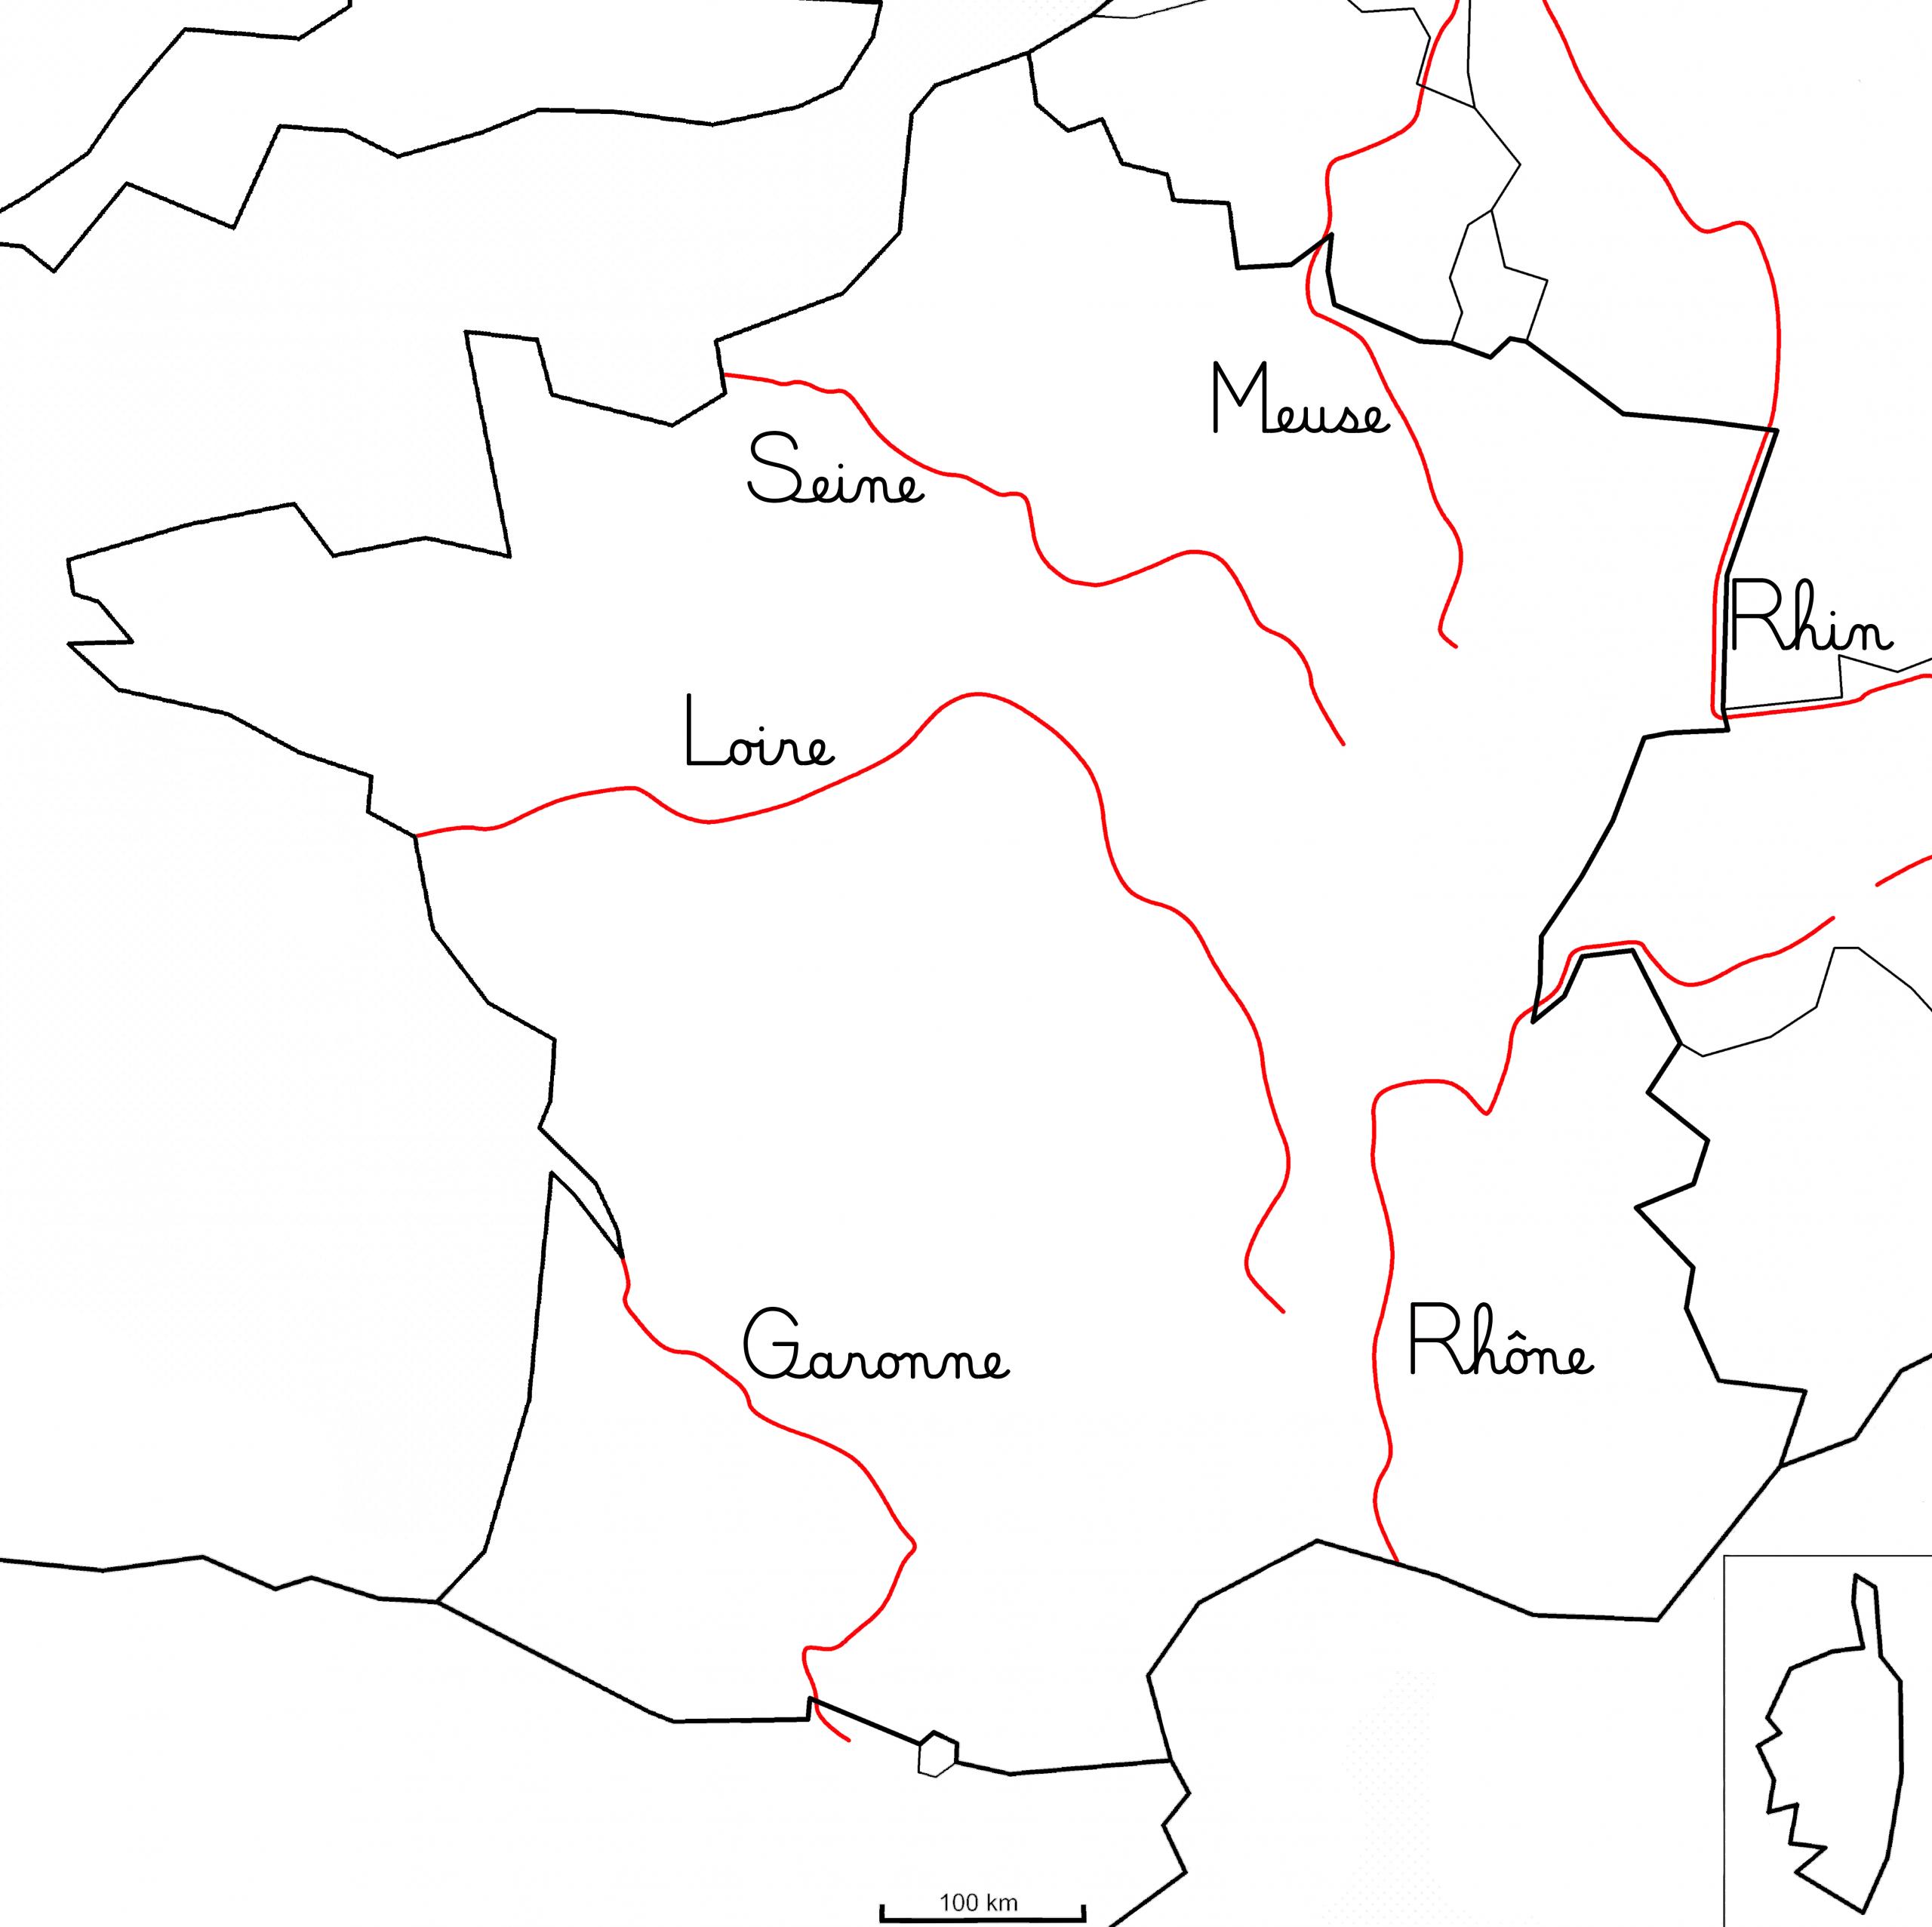 Principaux Fleuves De France » Vacances - Arts- Guides Voyages concernant Carte Des Fleuves En France